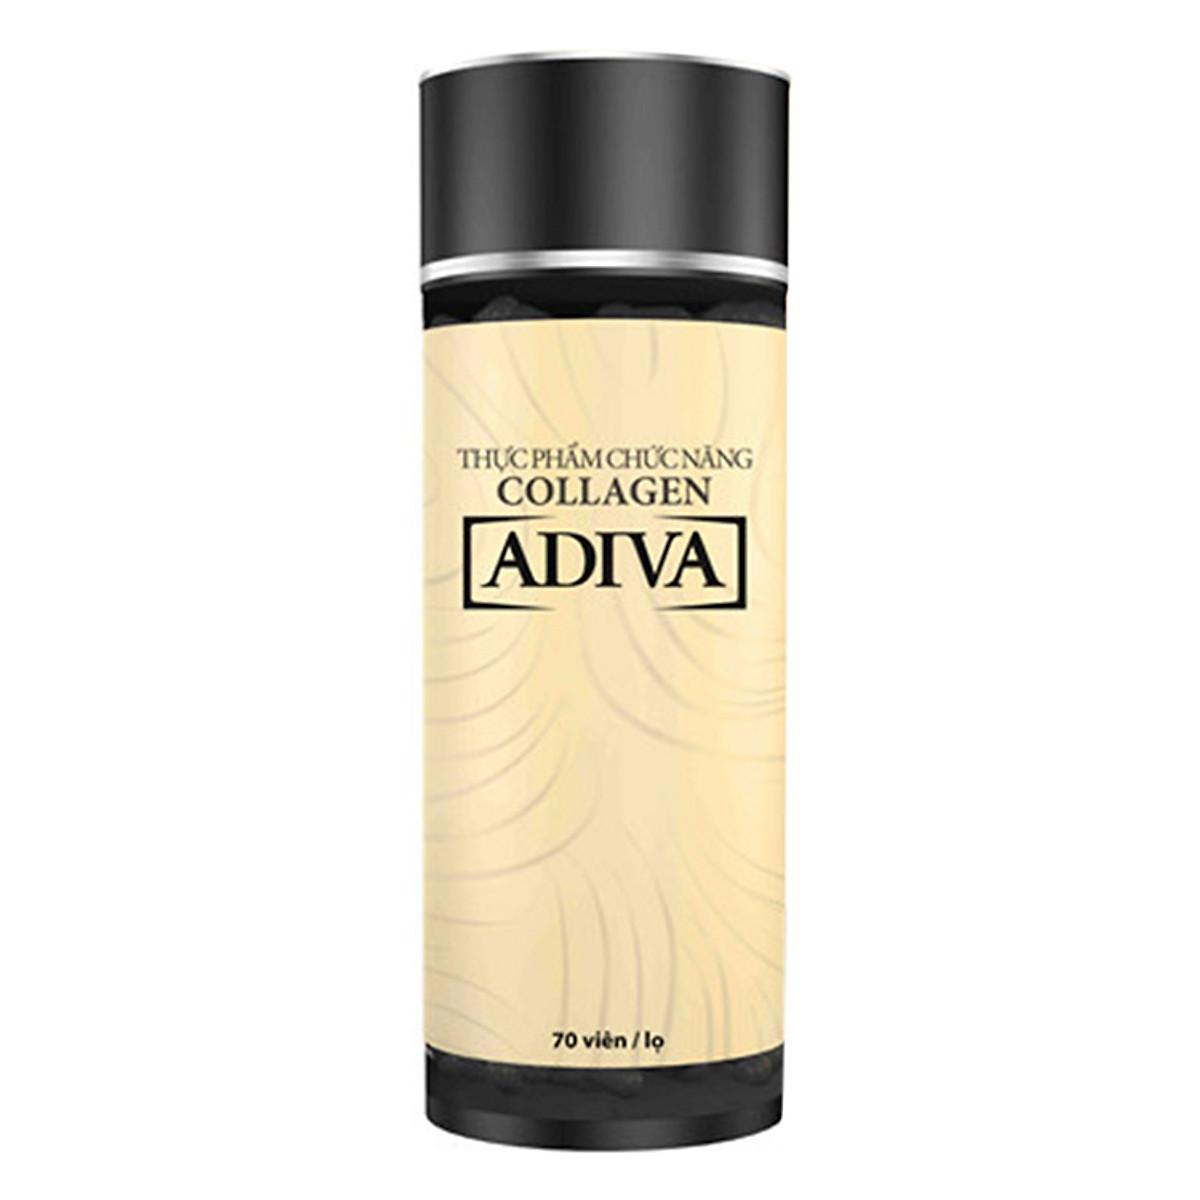 Thực Phẩm Chức Năng Collagen ADIVA (Dạng Viên)=179.000 ₫